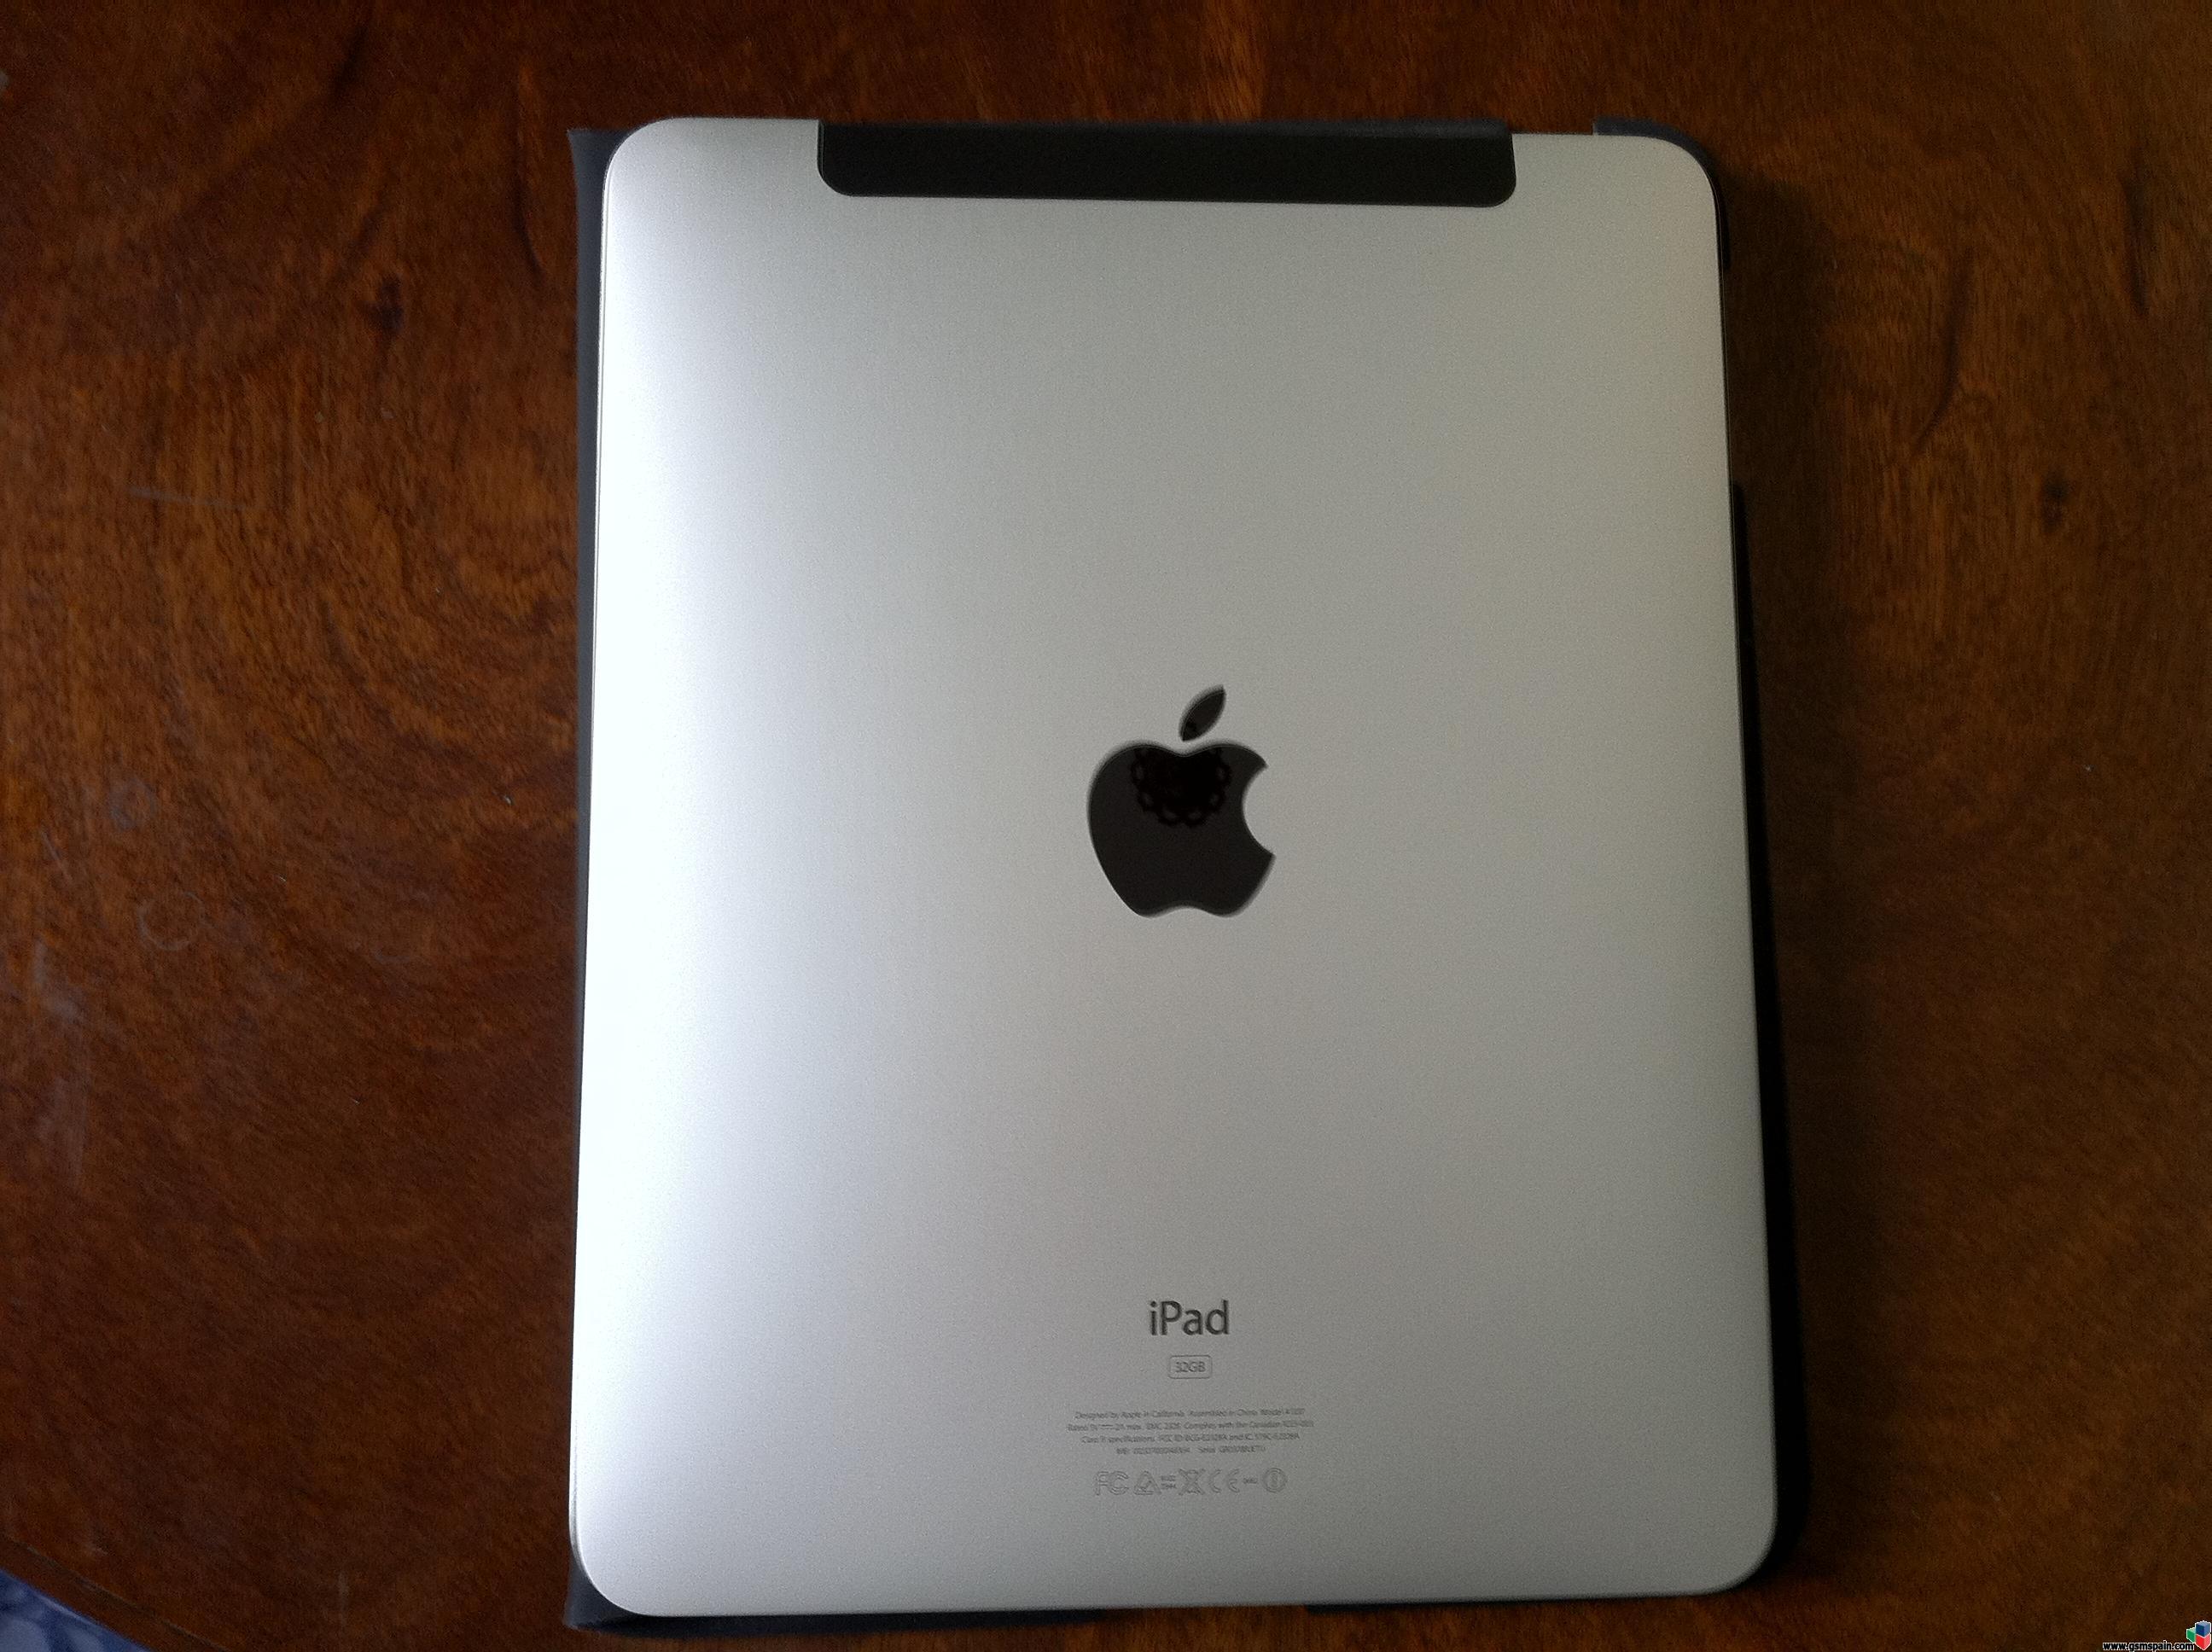 Vendo ipad 1 3g 32gb perfecto y funda original - Ipad 1 funda ...